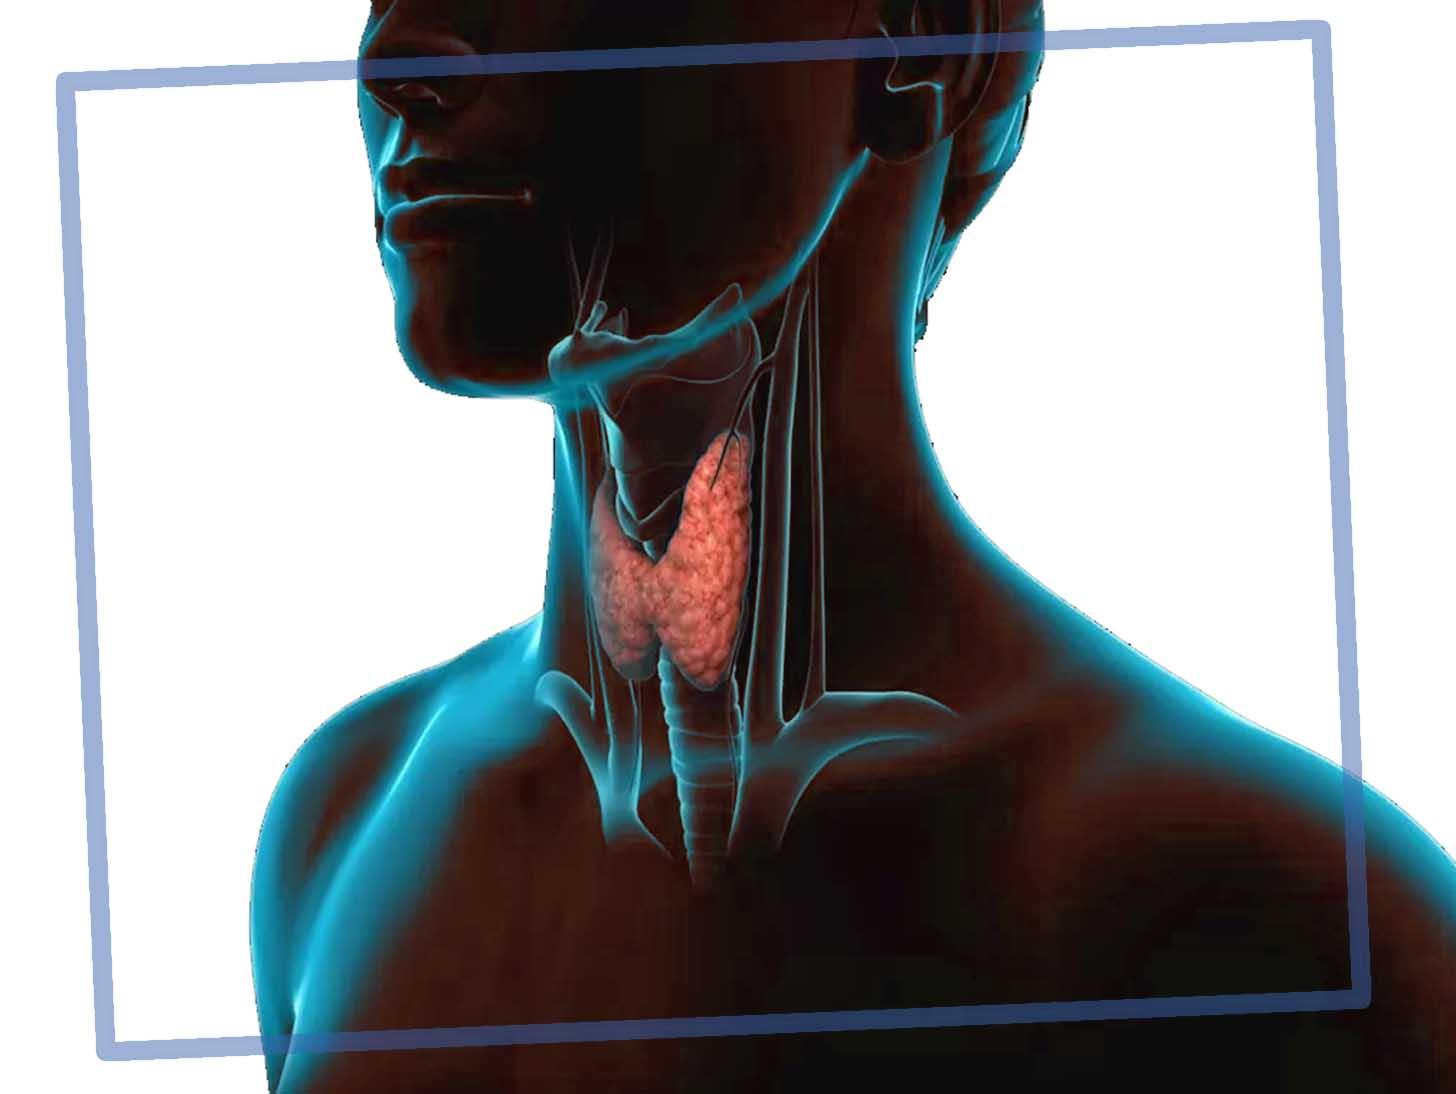 ак лечить щитовидную железу в домашних условиях